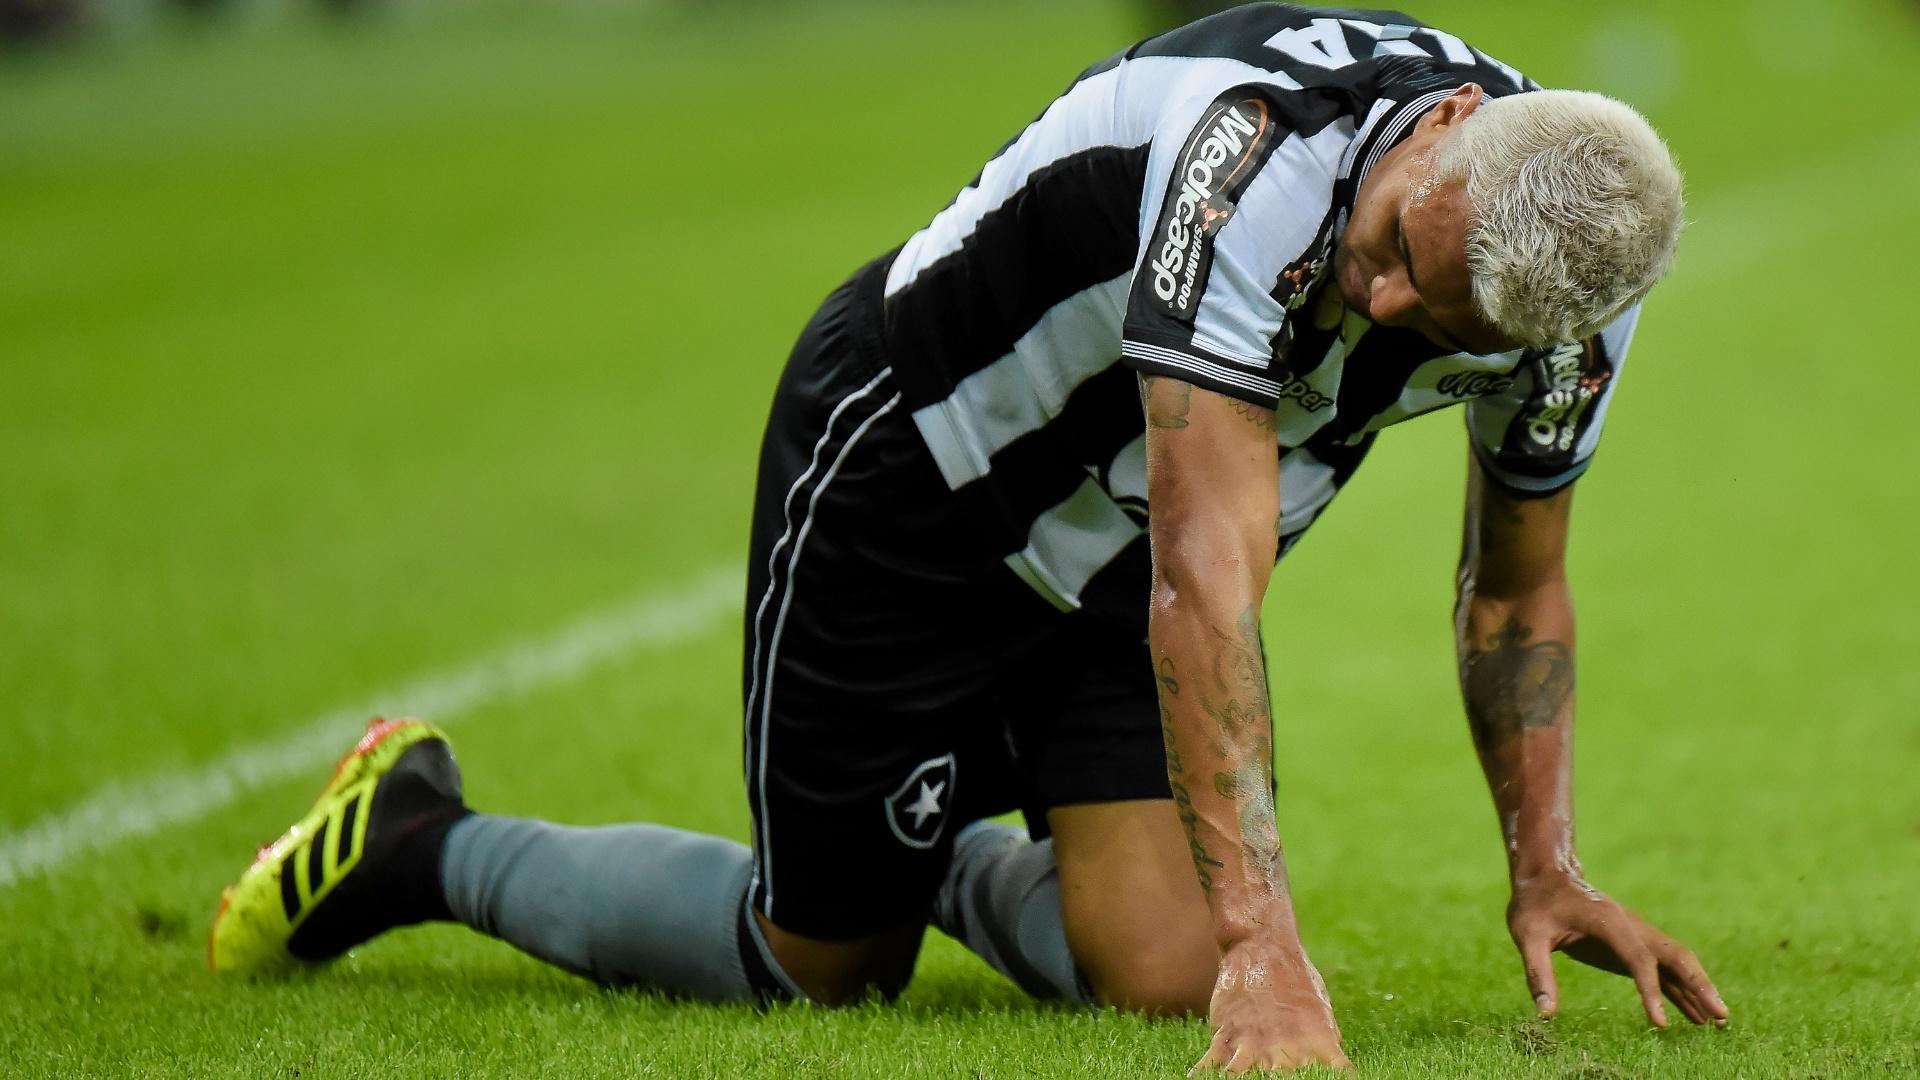 Kieza fica no chão durante a partida entre Botafogo e Flamengo